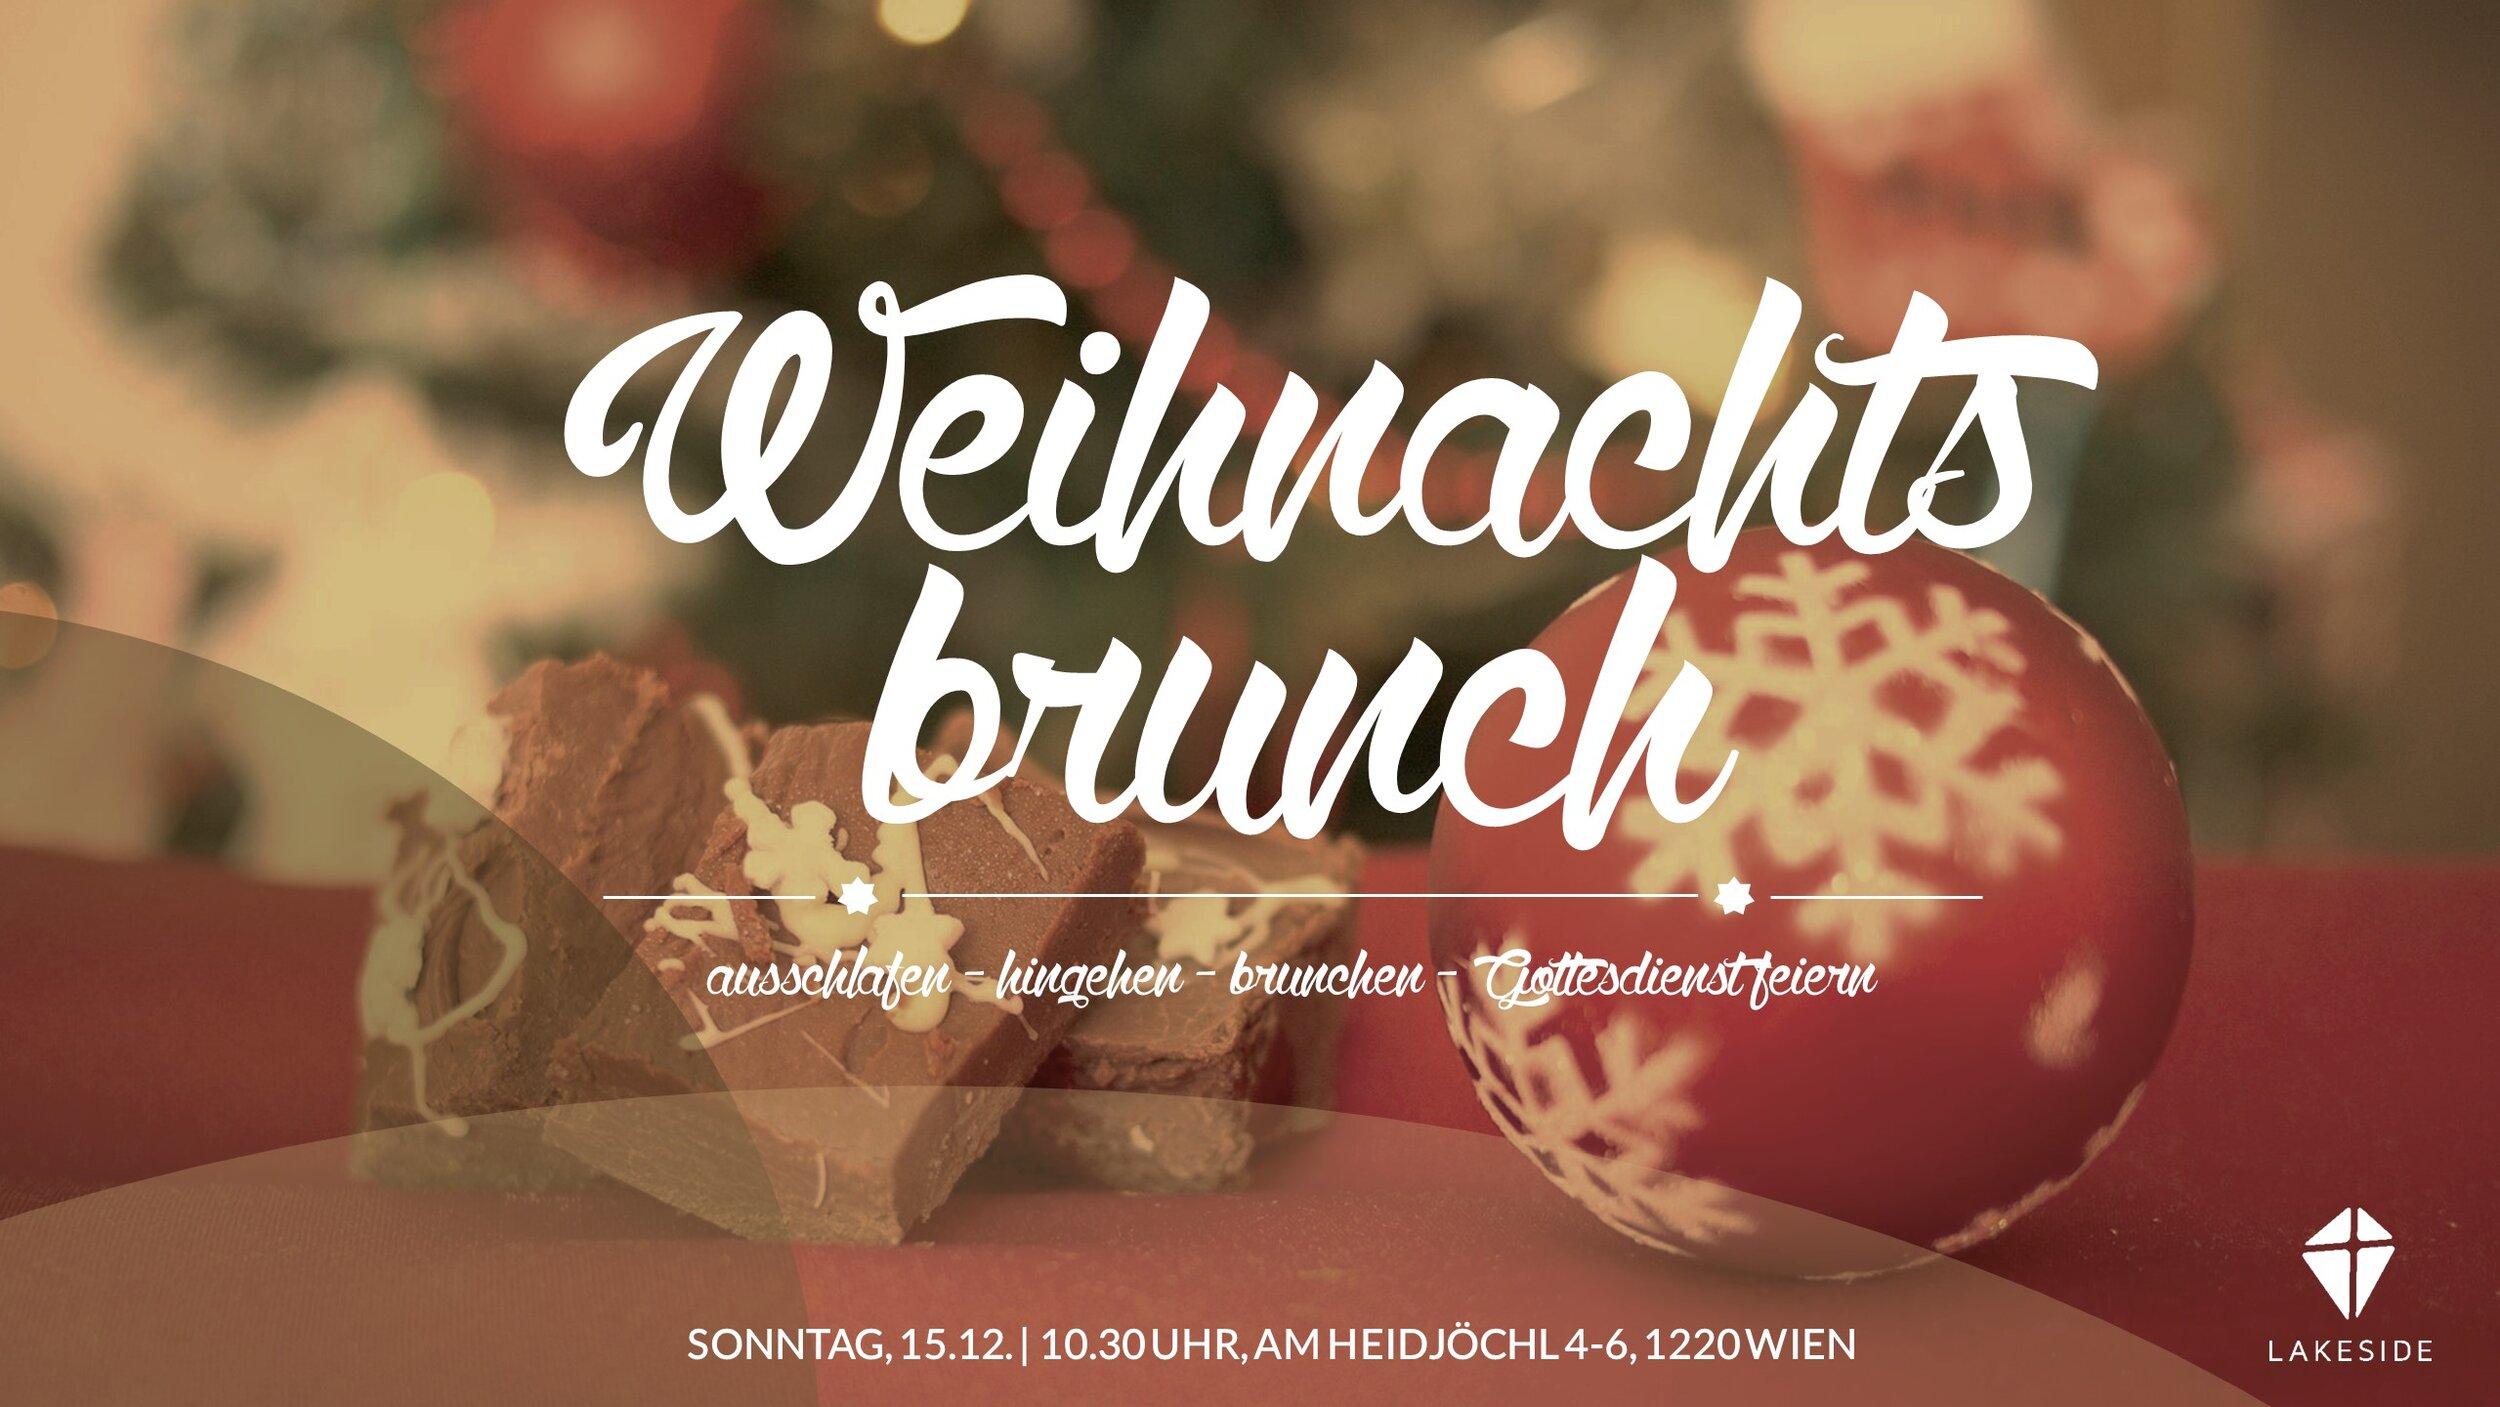 Weihnachtsbrunch_19.jpg